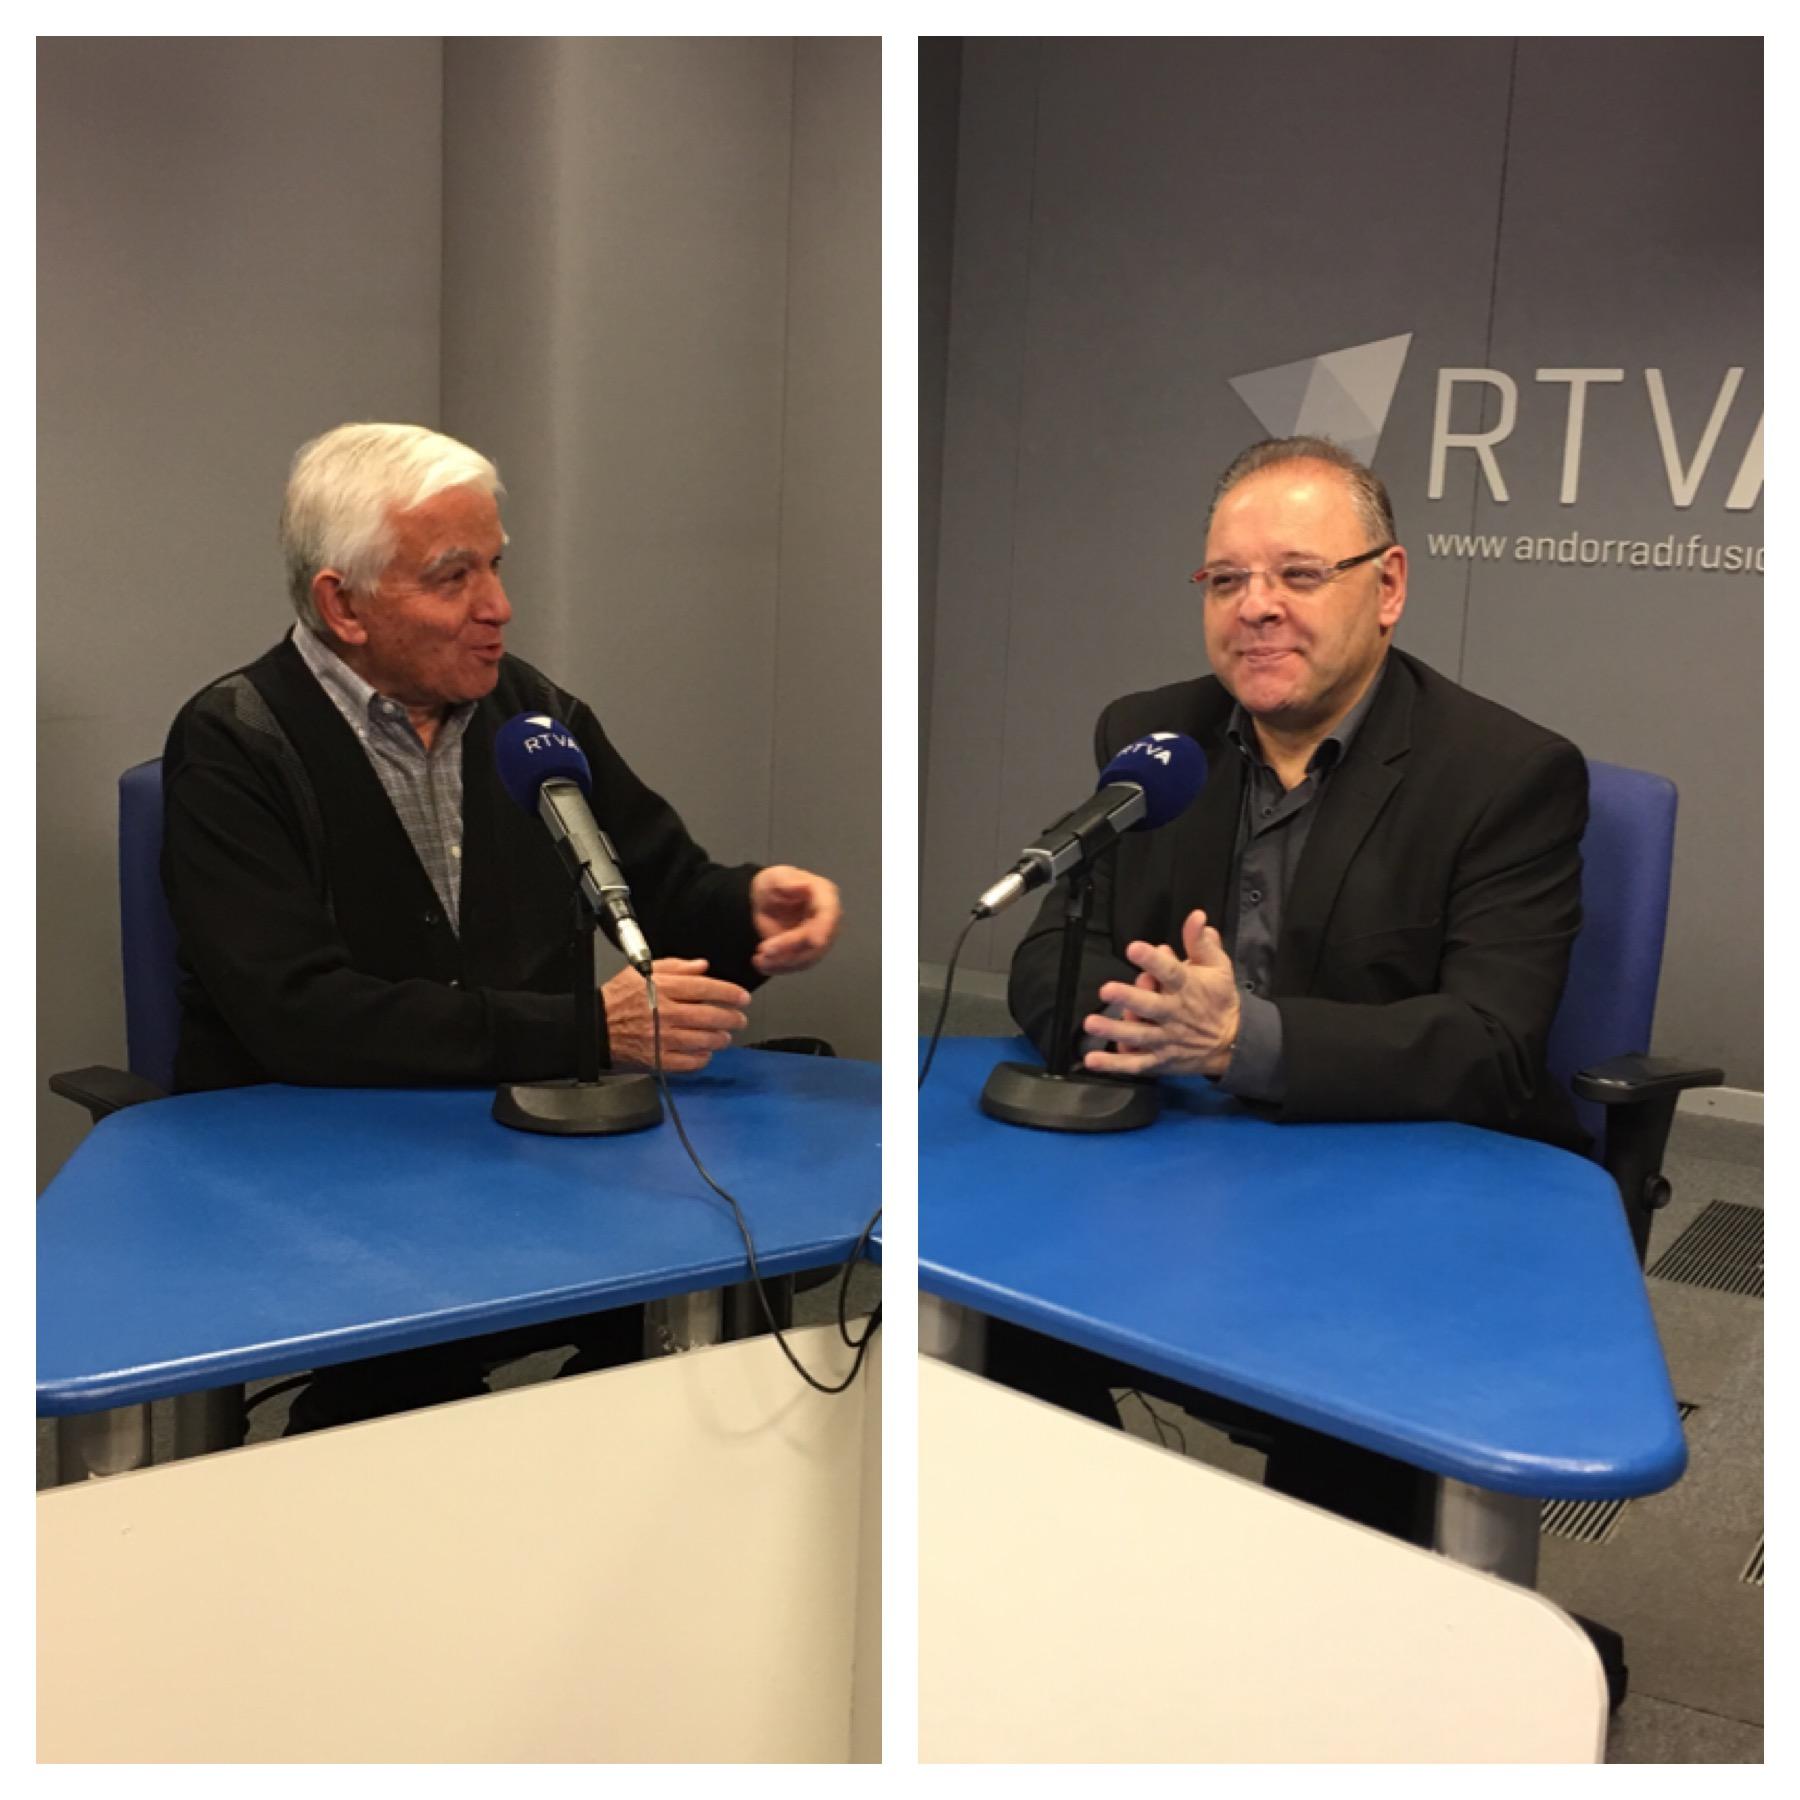 Entrevista a Miquel Alís i Josep Maria Camp 29 de desembre del 2017